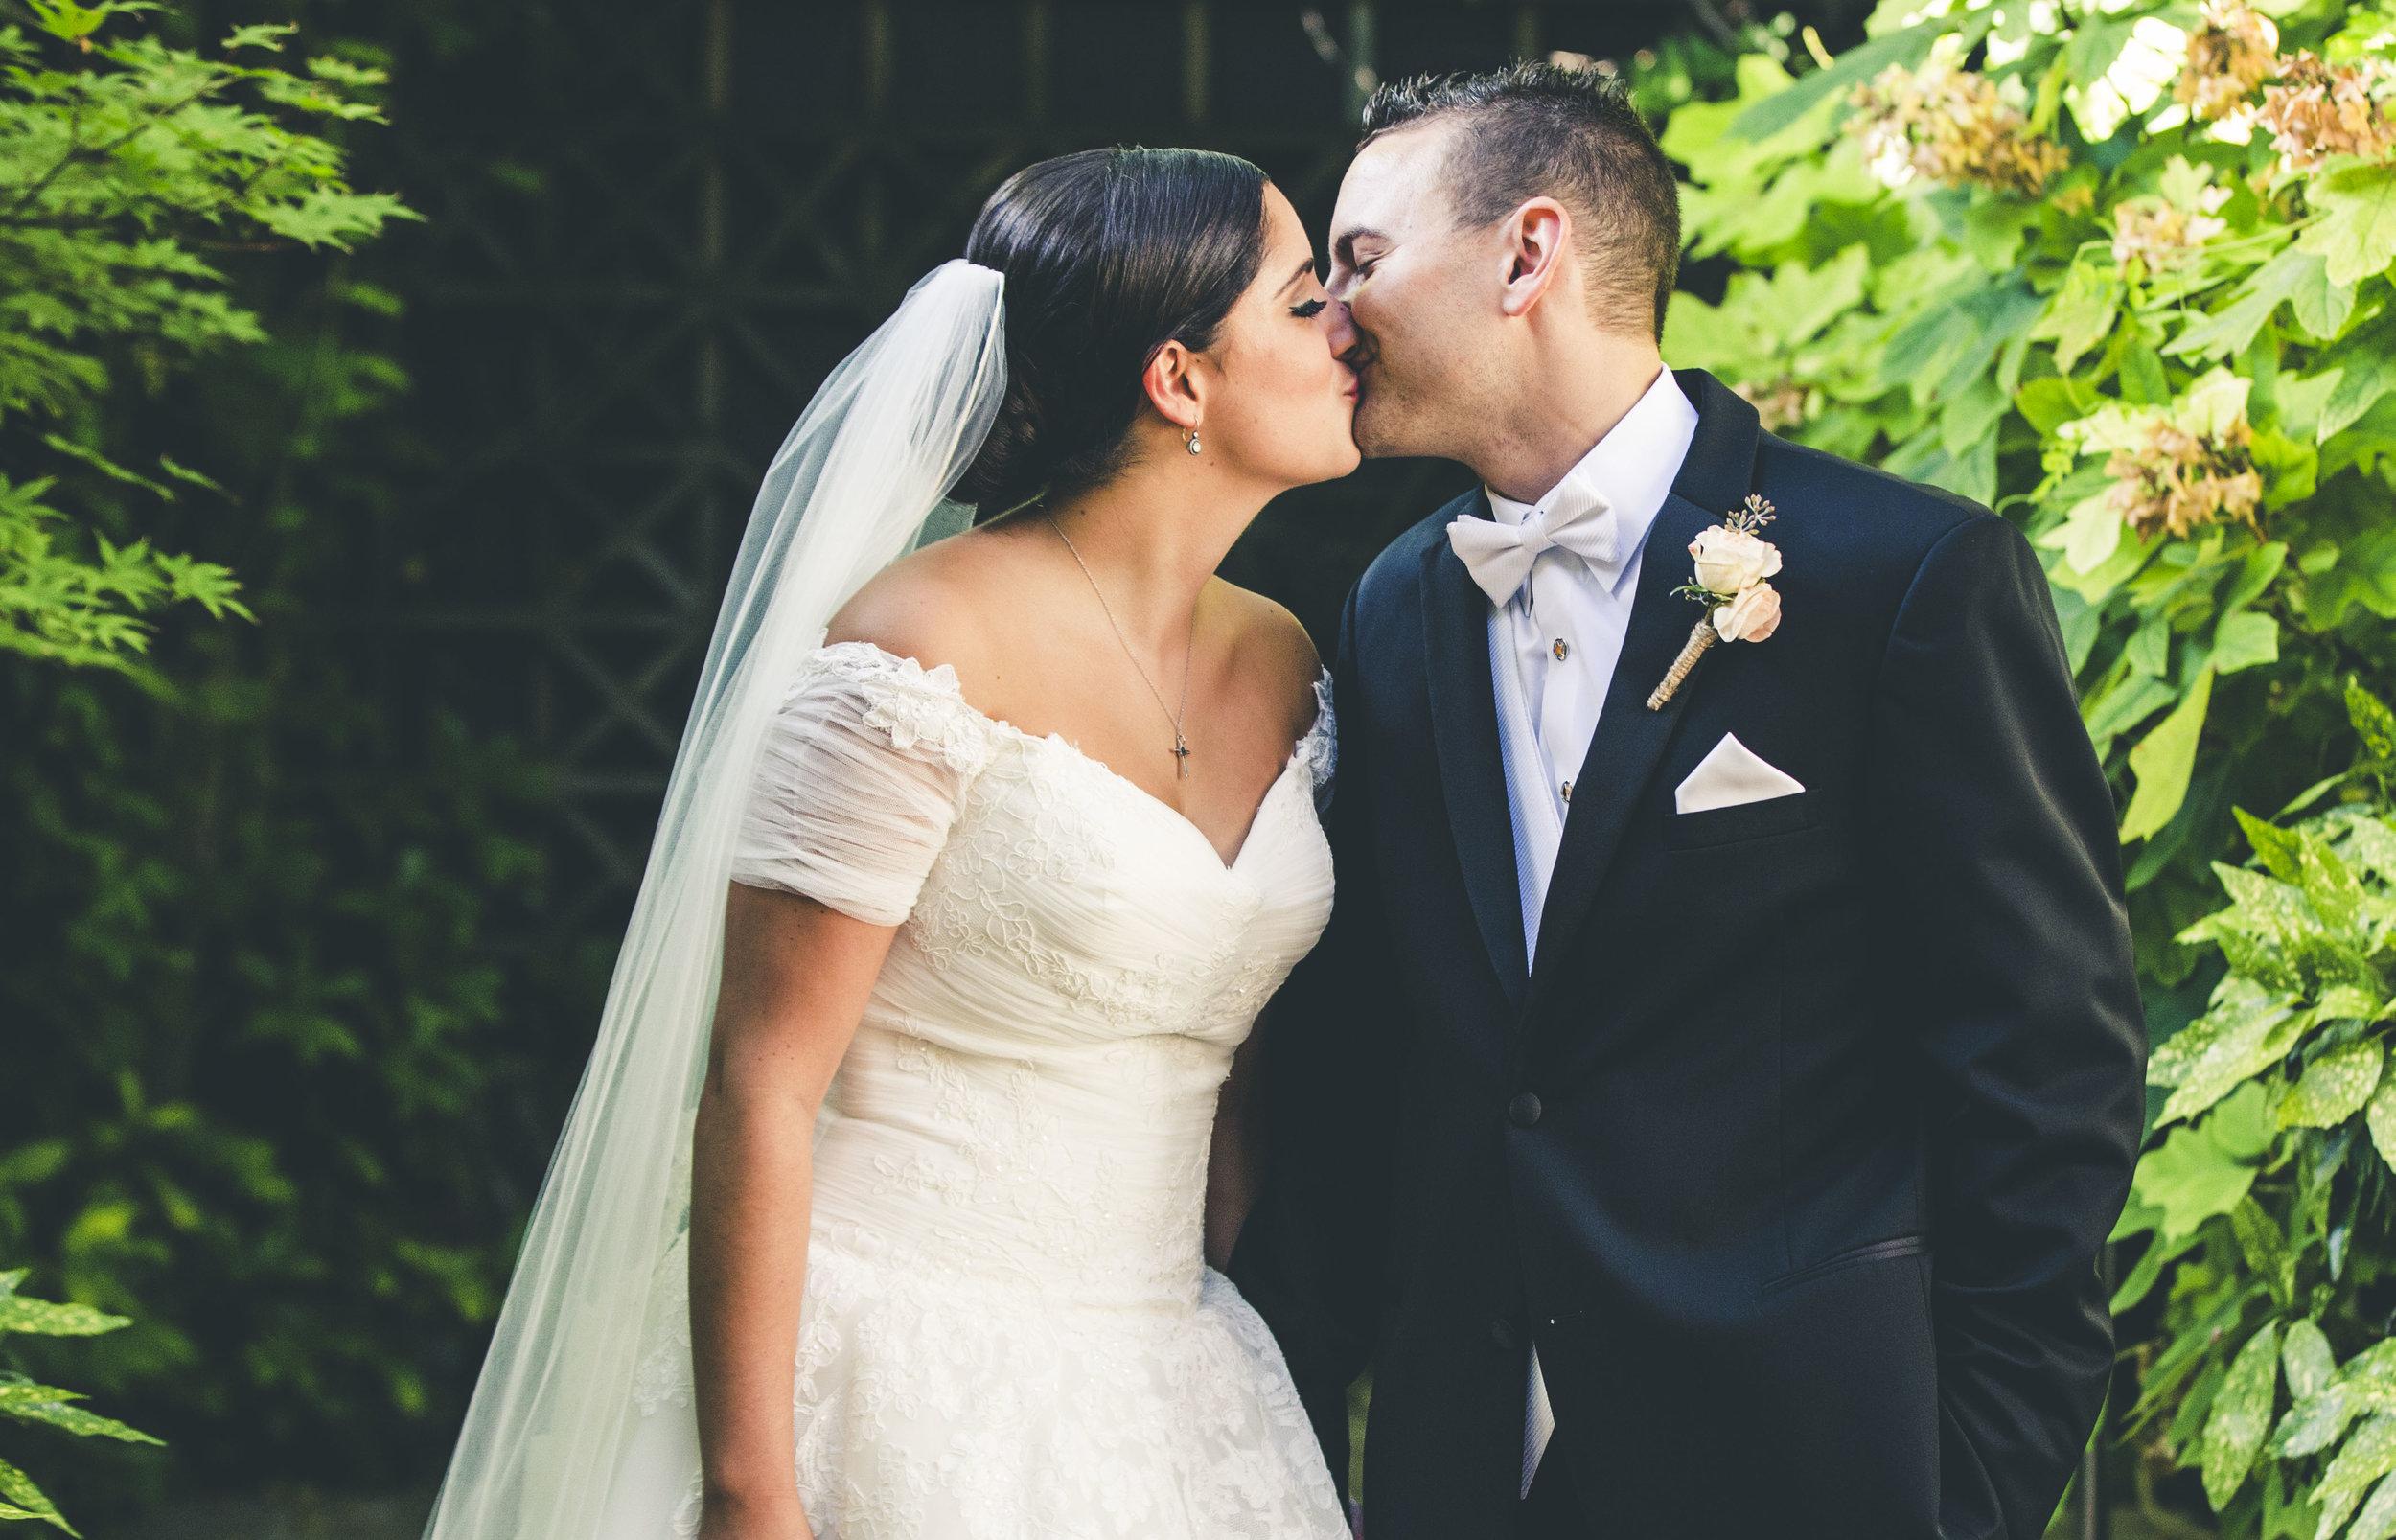 ATGI_Magali & Josh Wedding1__21.jpg